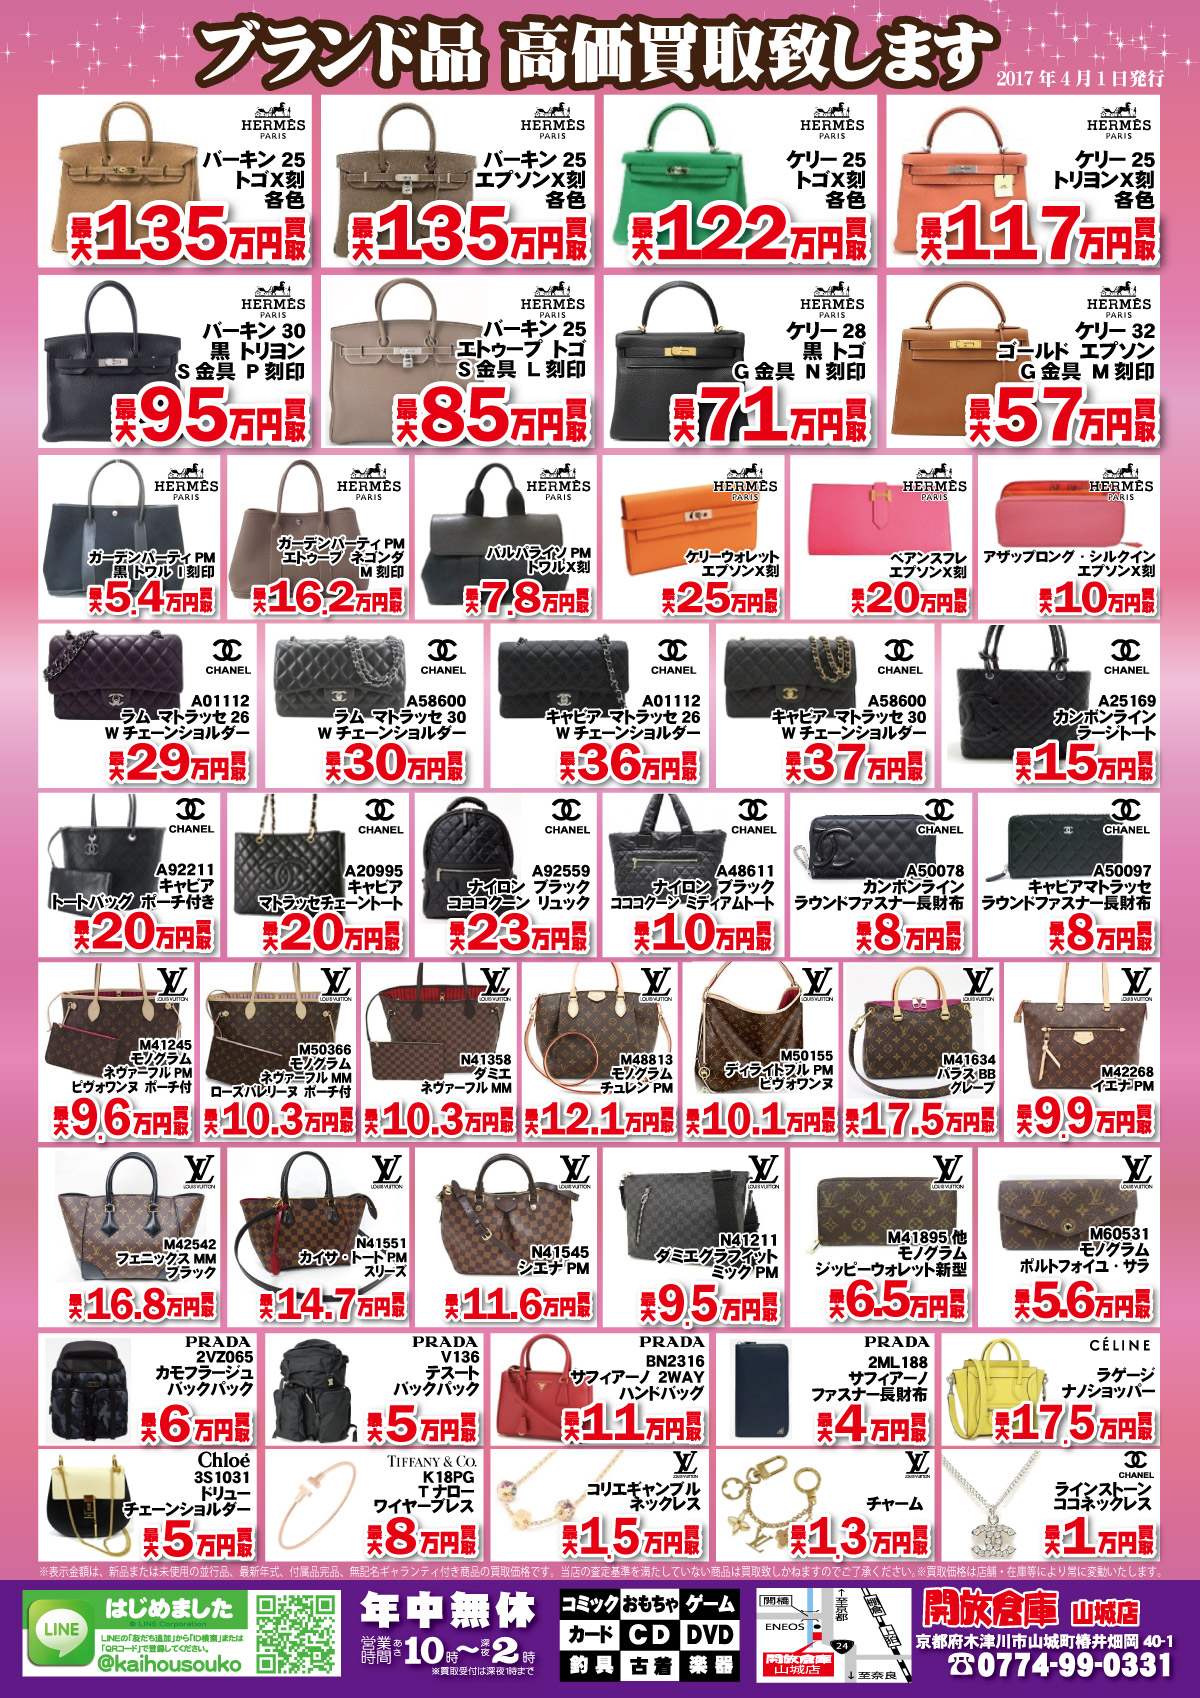 「開放倉庫山城店」2017年4月スーパーブランド買取チラシを更新!バーキン25、ケリー25、ガーデンバーディPM、などなど